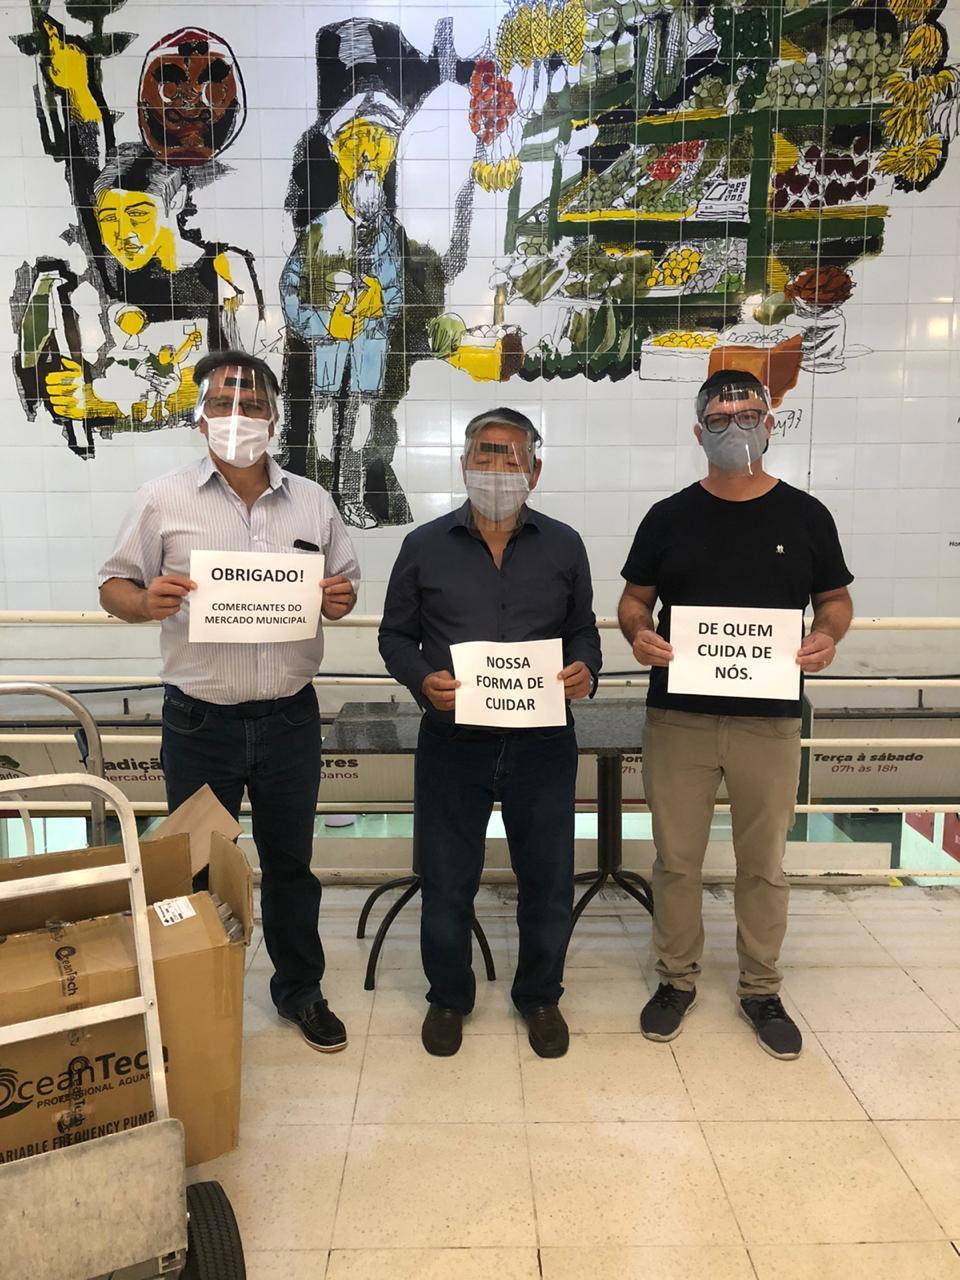 Mercado Municipal de Curitiba faz doação de mil máscaras para Hospital deClínicas